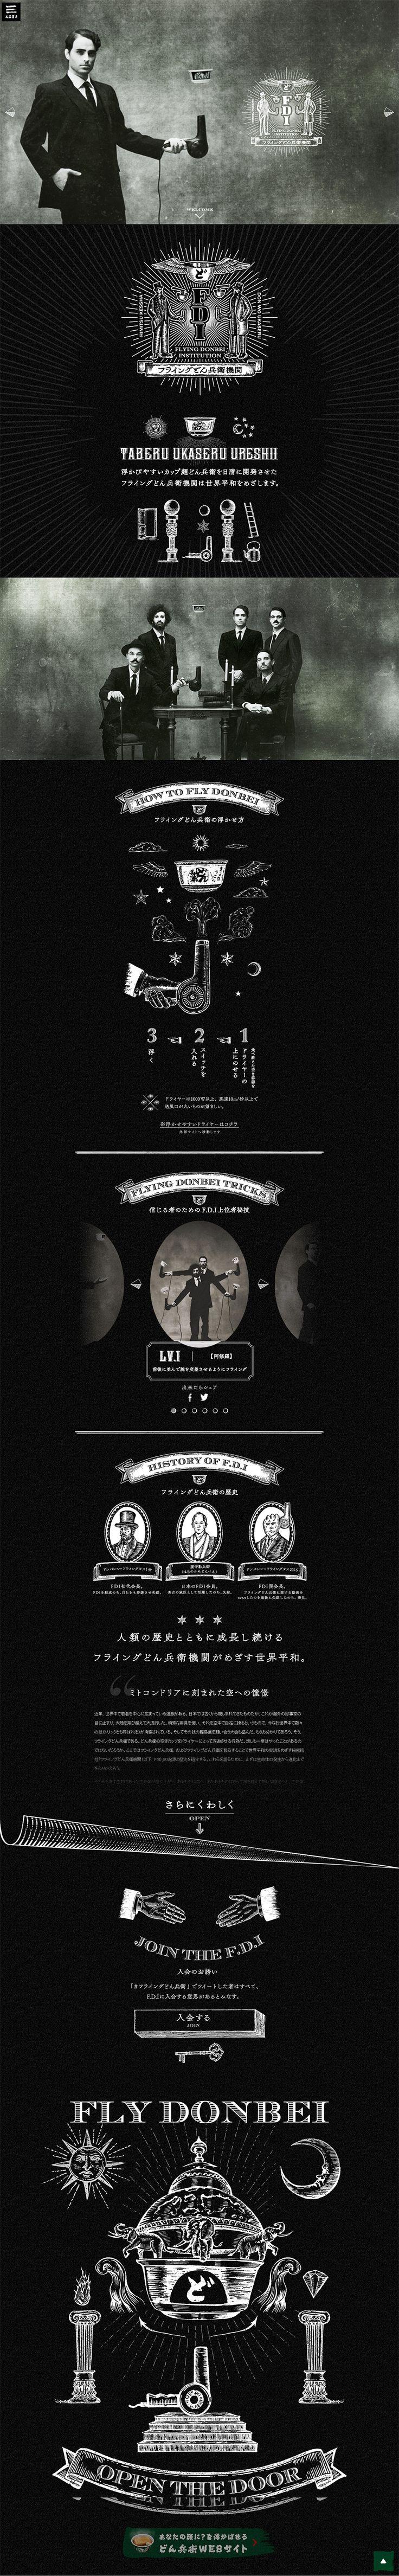 フライングどん兵衛機関【食品関連】のLPデザイン。WEBデザイナーさん必見!ランディングページのデザイン参考に(アート・芸術系)